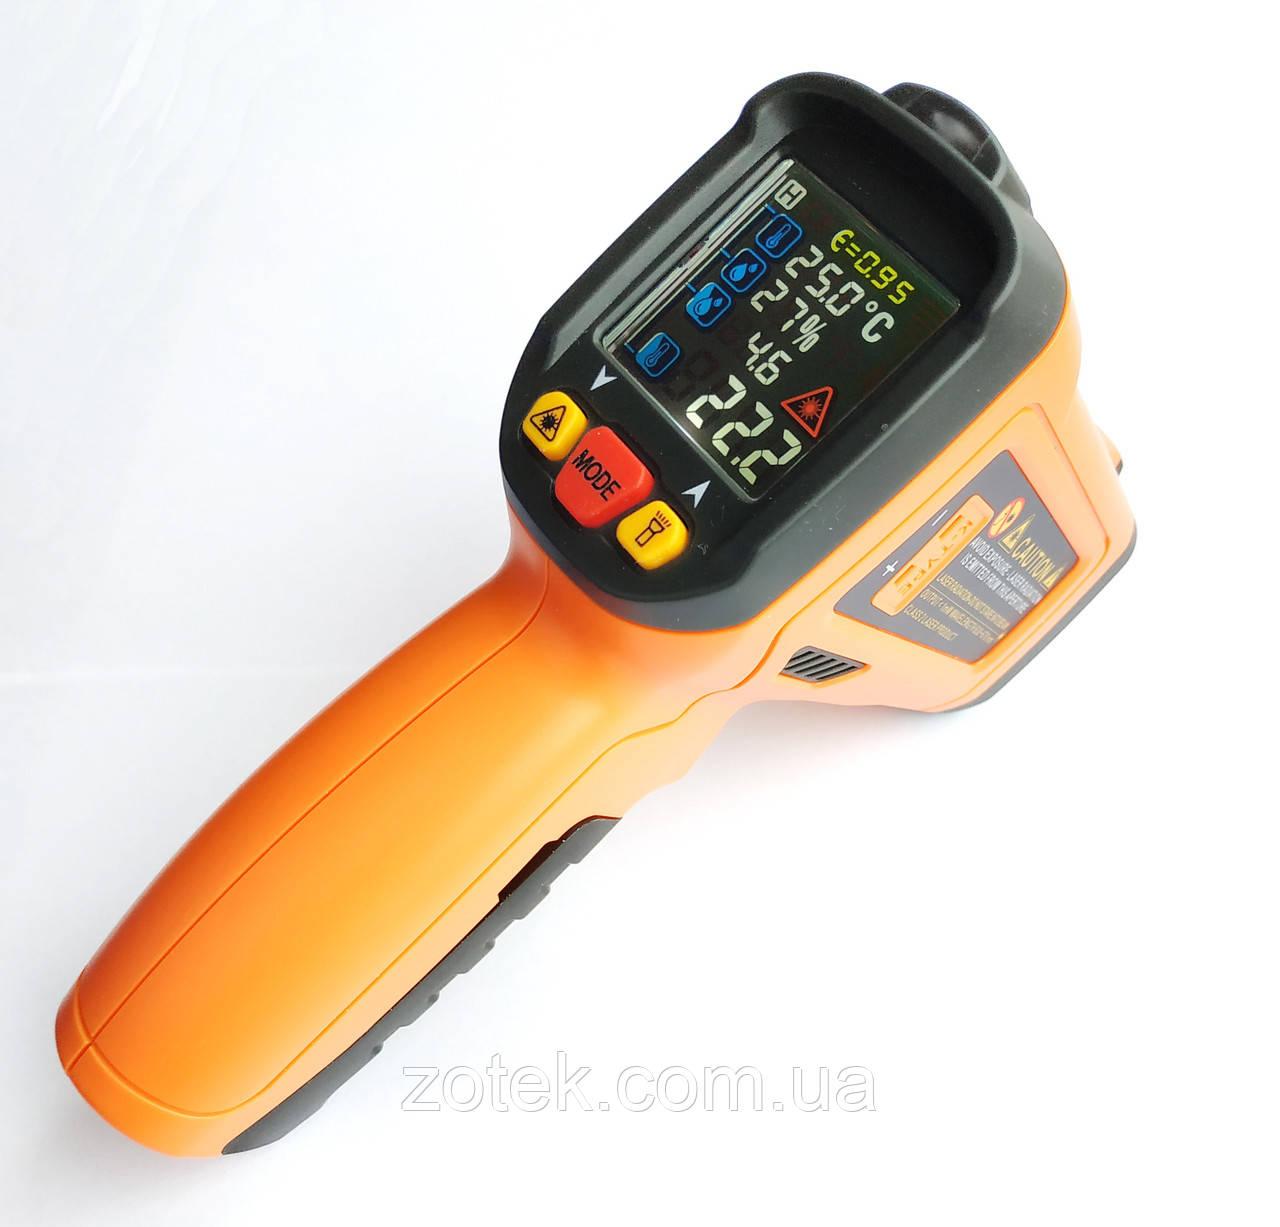 PEAKMETER PM6530D -50 ~ 800ºC Пирометр с термопарой, точка росы, влажность. EMS: 0,1-1,00, Инфракрасный